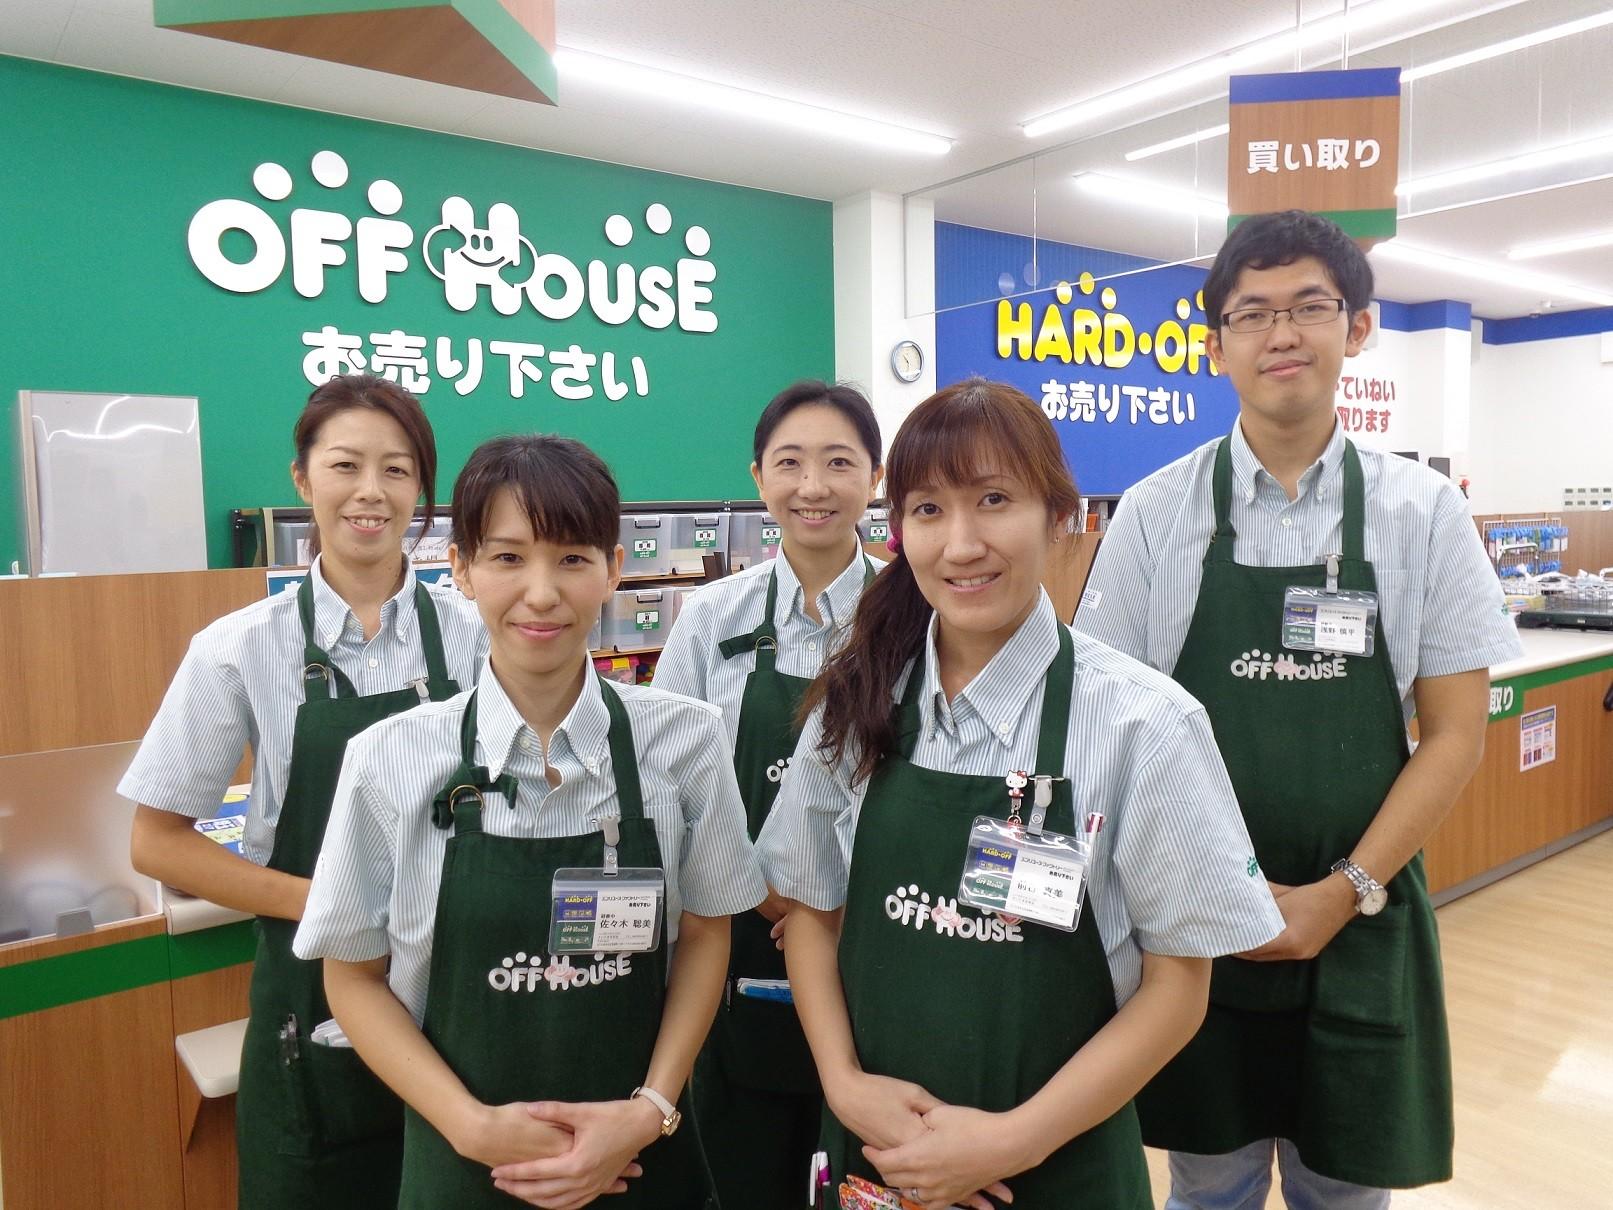 オフハウス 浦和栄和店 のアルバイト情報